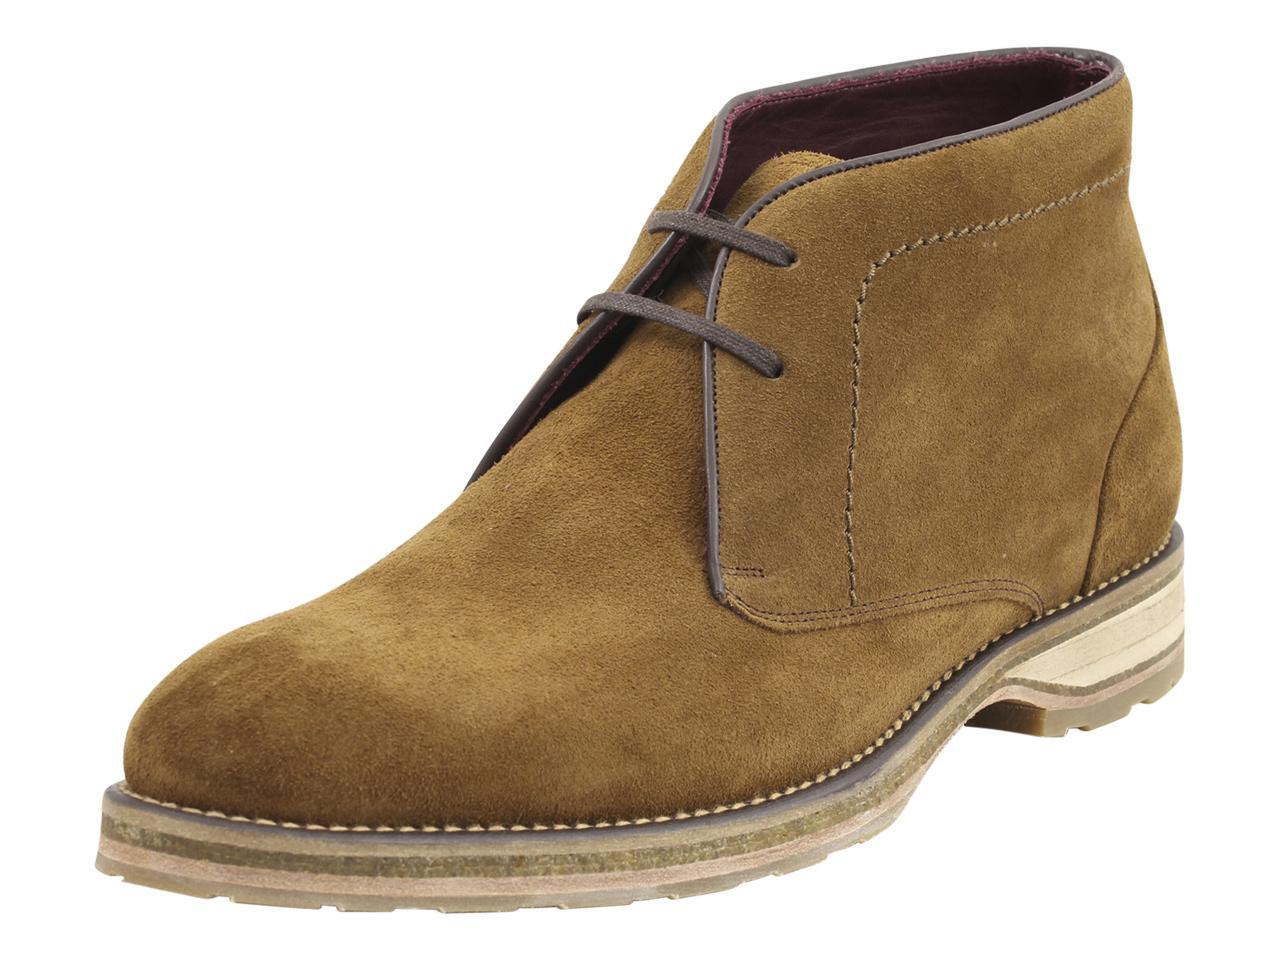 Image of Mezlan Men's Dalias Chukka Boots Shoes - Blue - 11.5 D(M) US